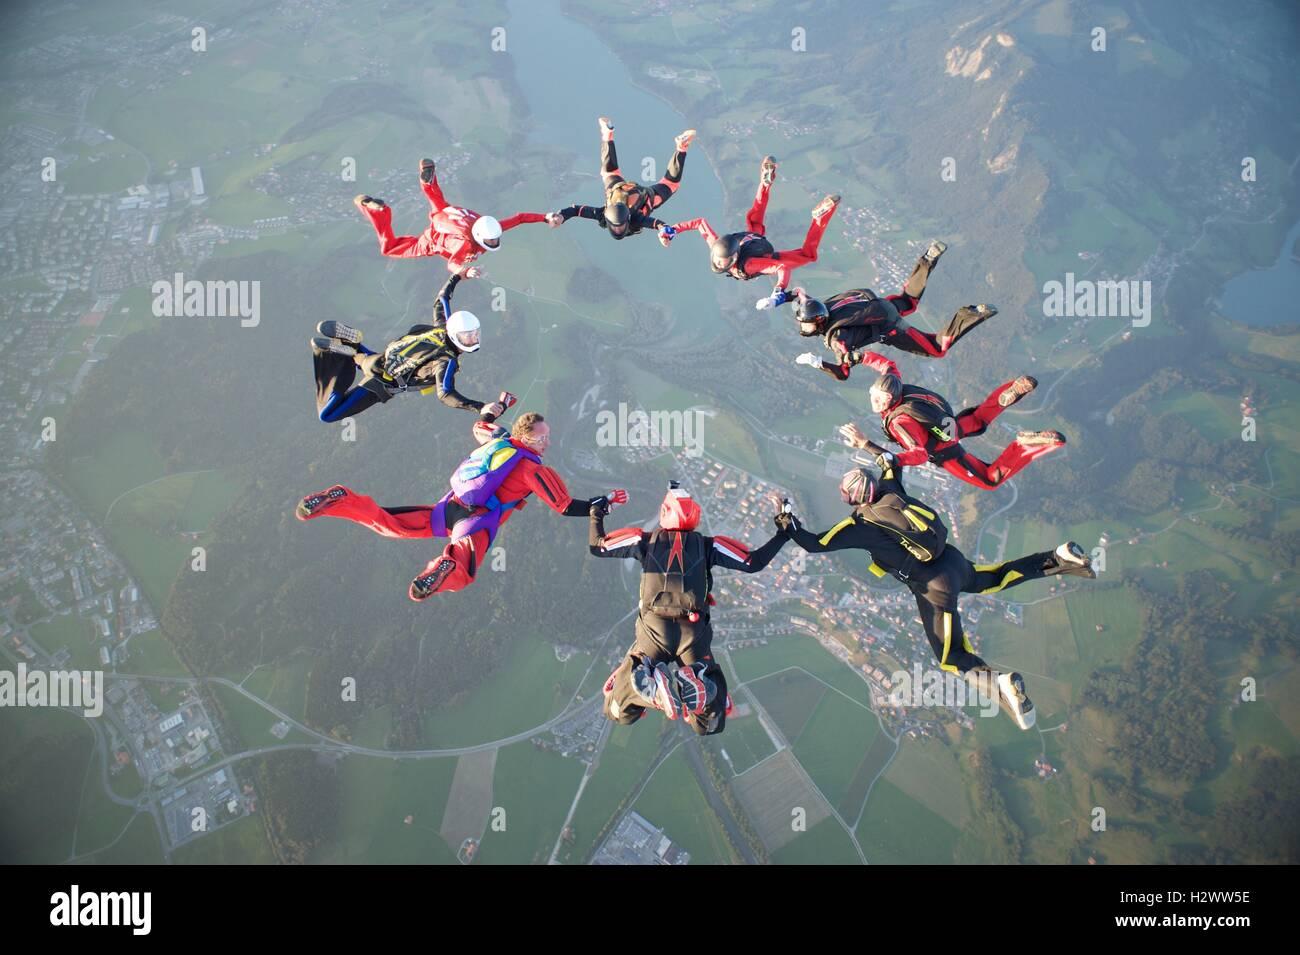 Nueve skydivers forman una estrella más de Gruyères en Suiza Imagen De Stock